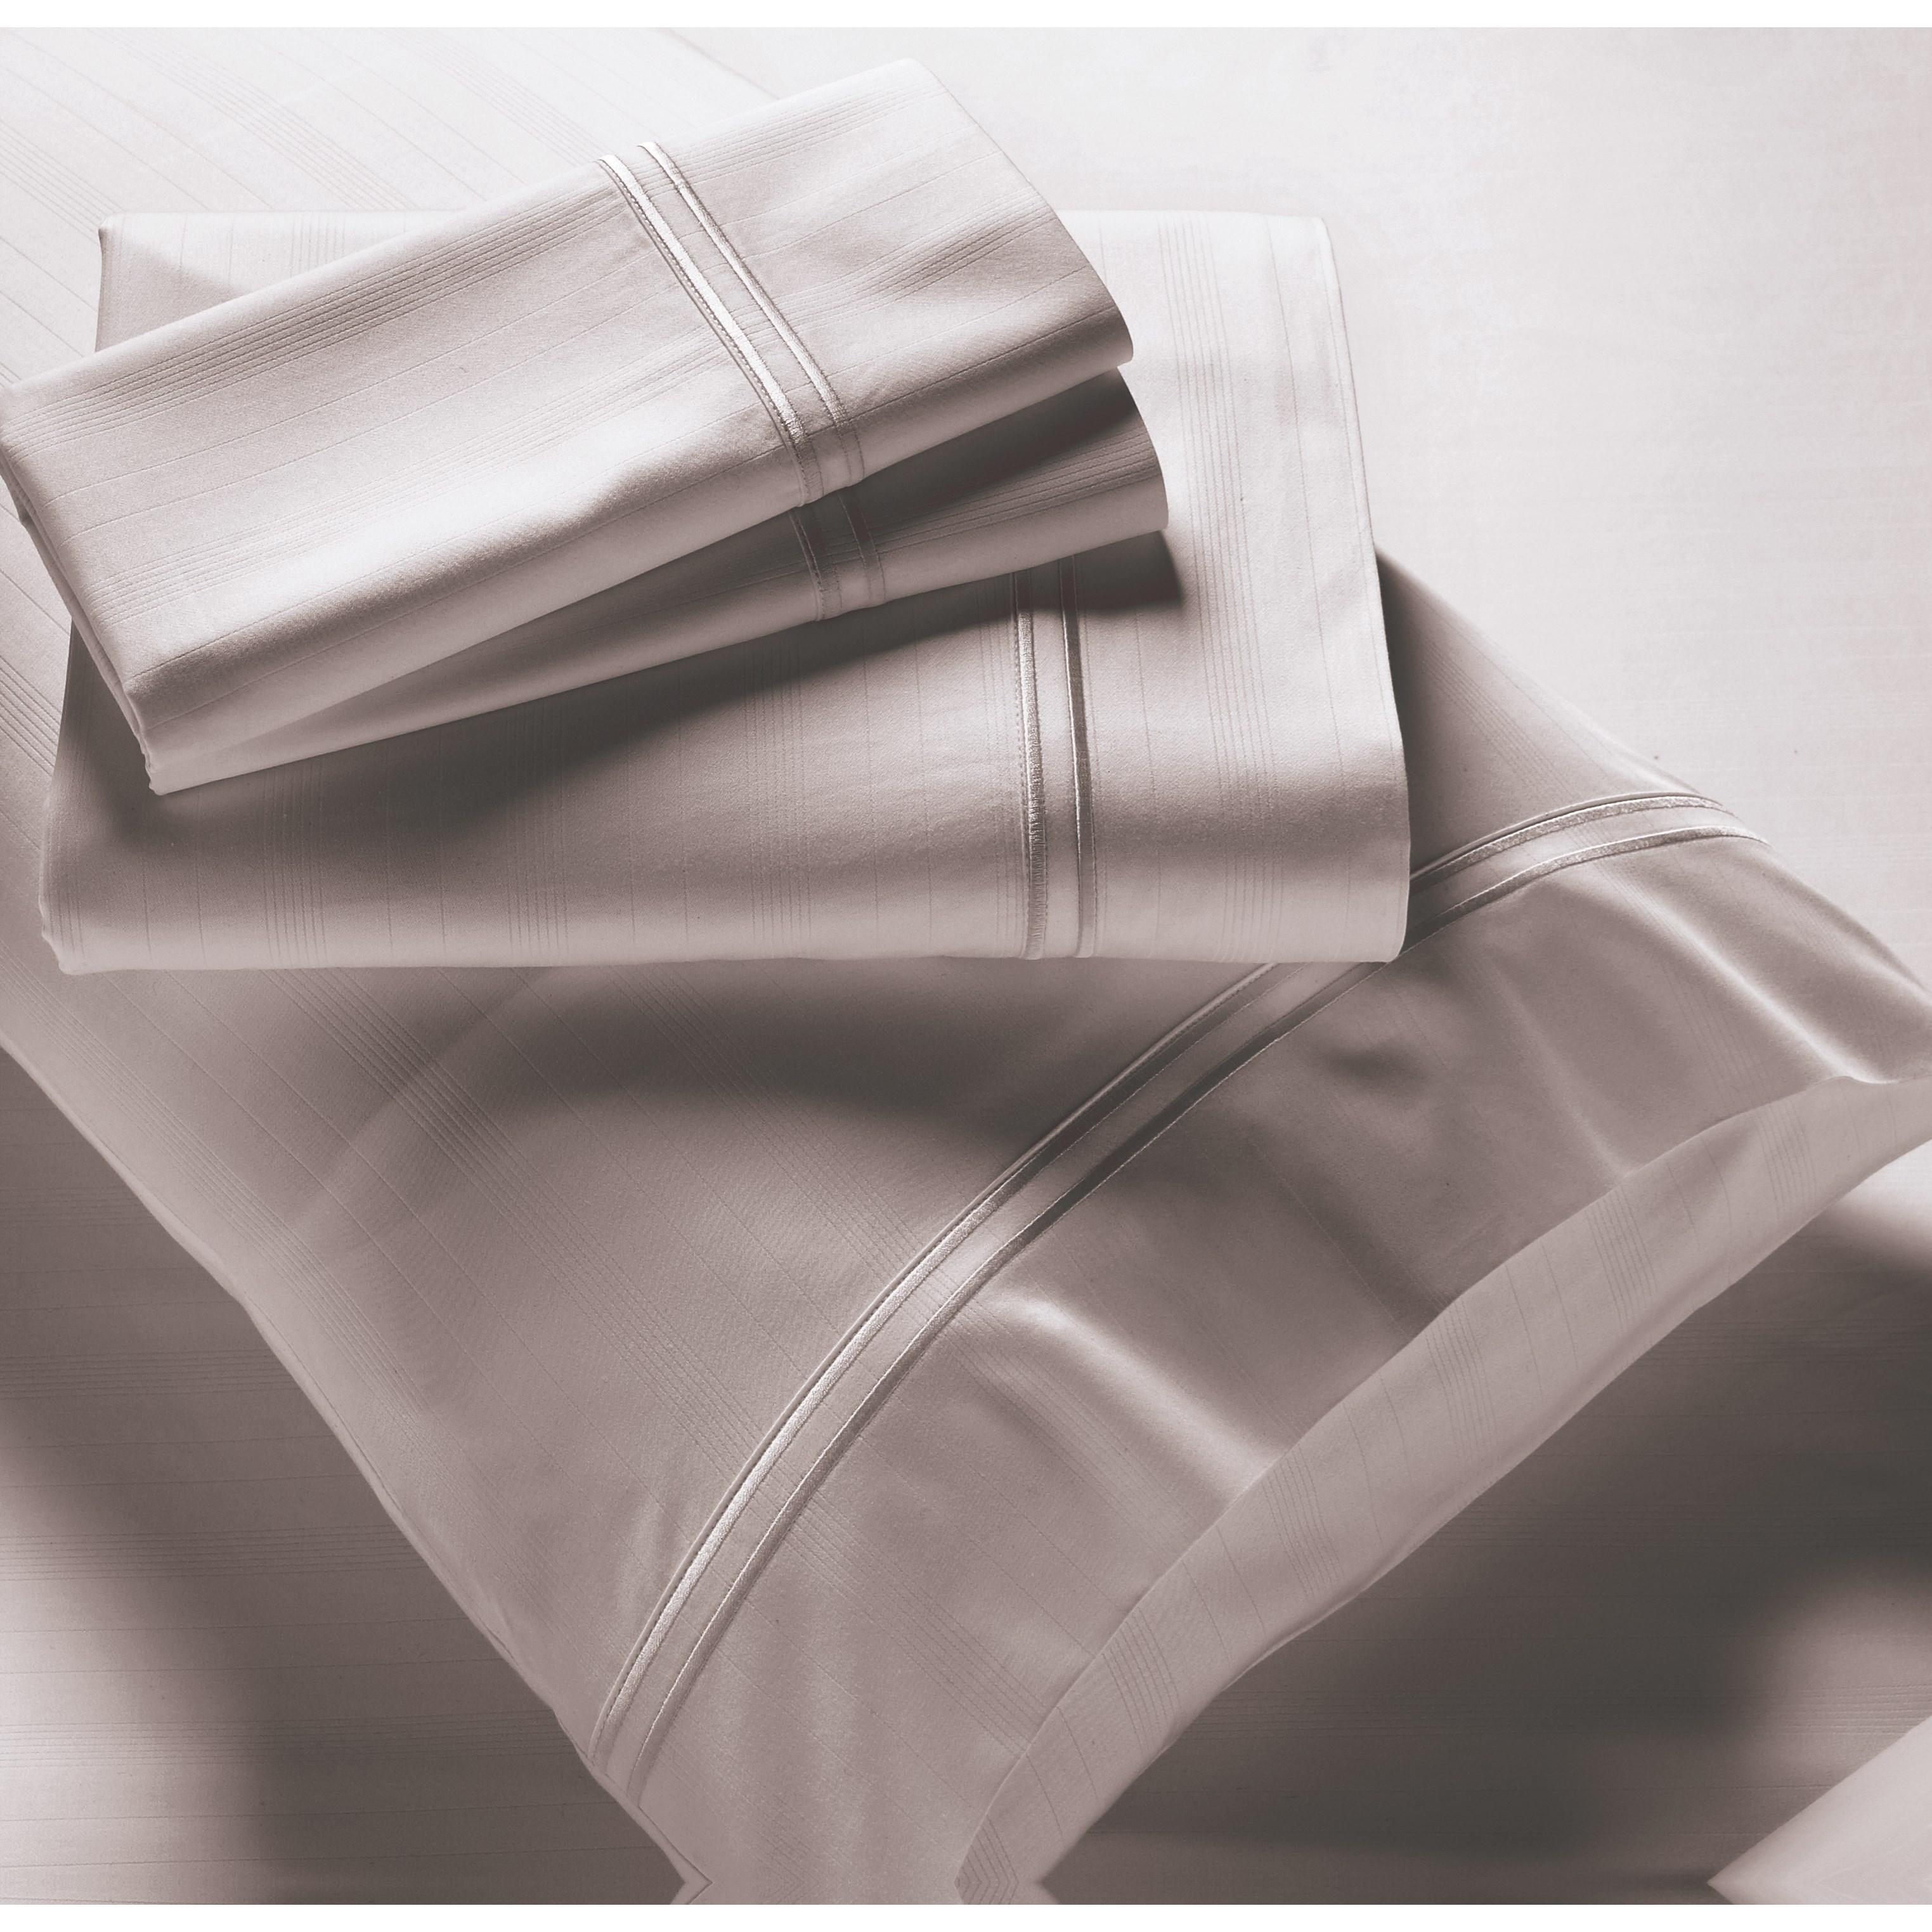 Elements Sheets-Bamboo King Sheet Set at Ultimate Mattress